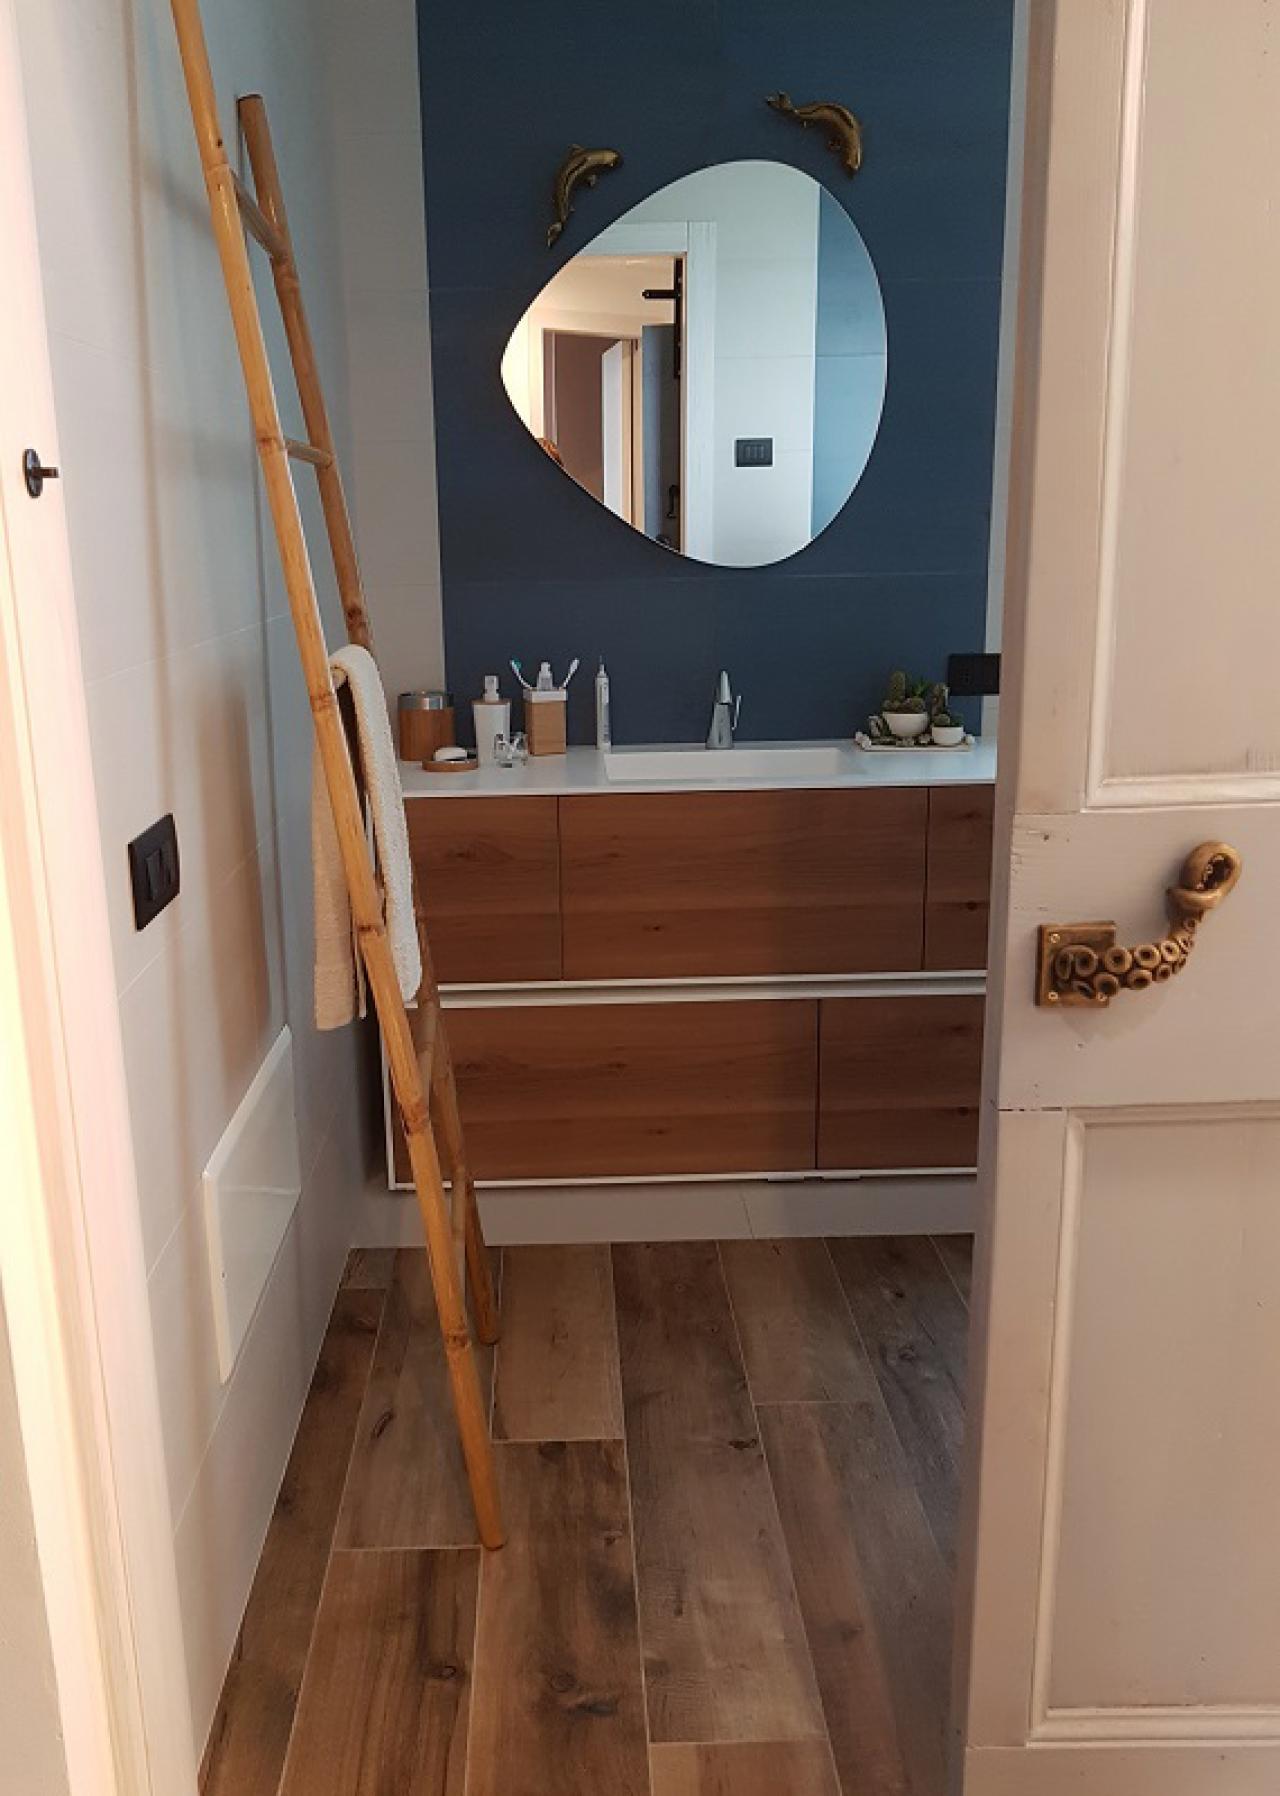 Lampada Sopra Specchio Bagno specchio bagno: quale scegliere? | fratelli pellizzari